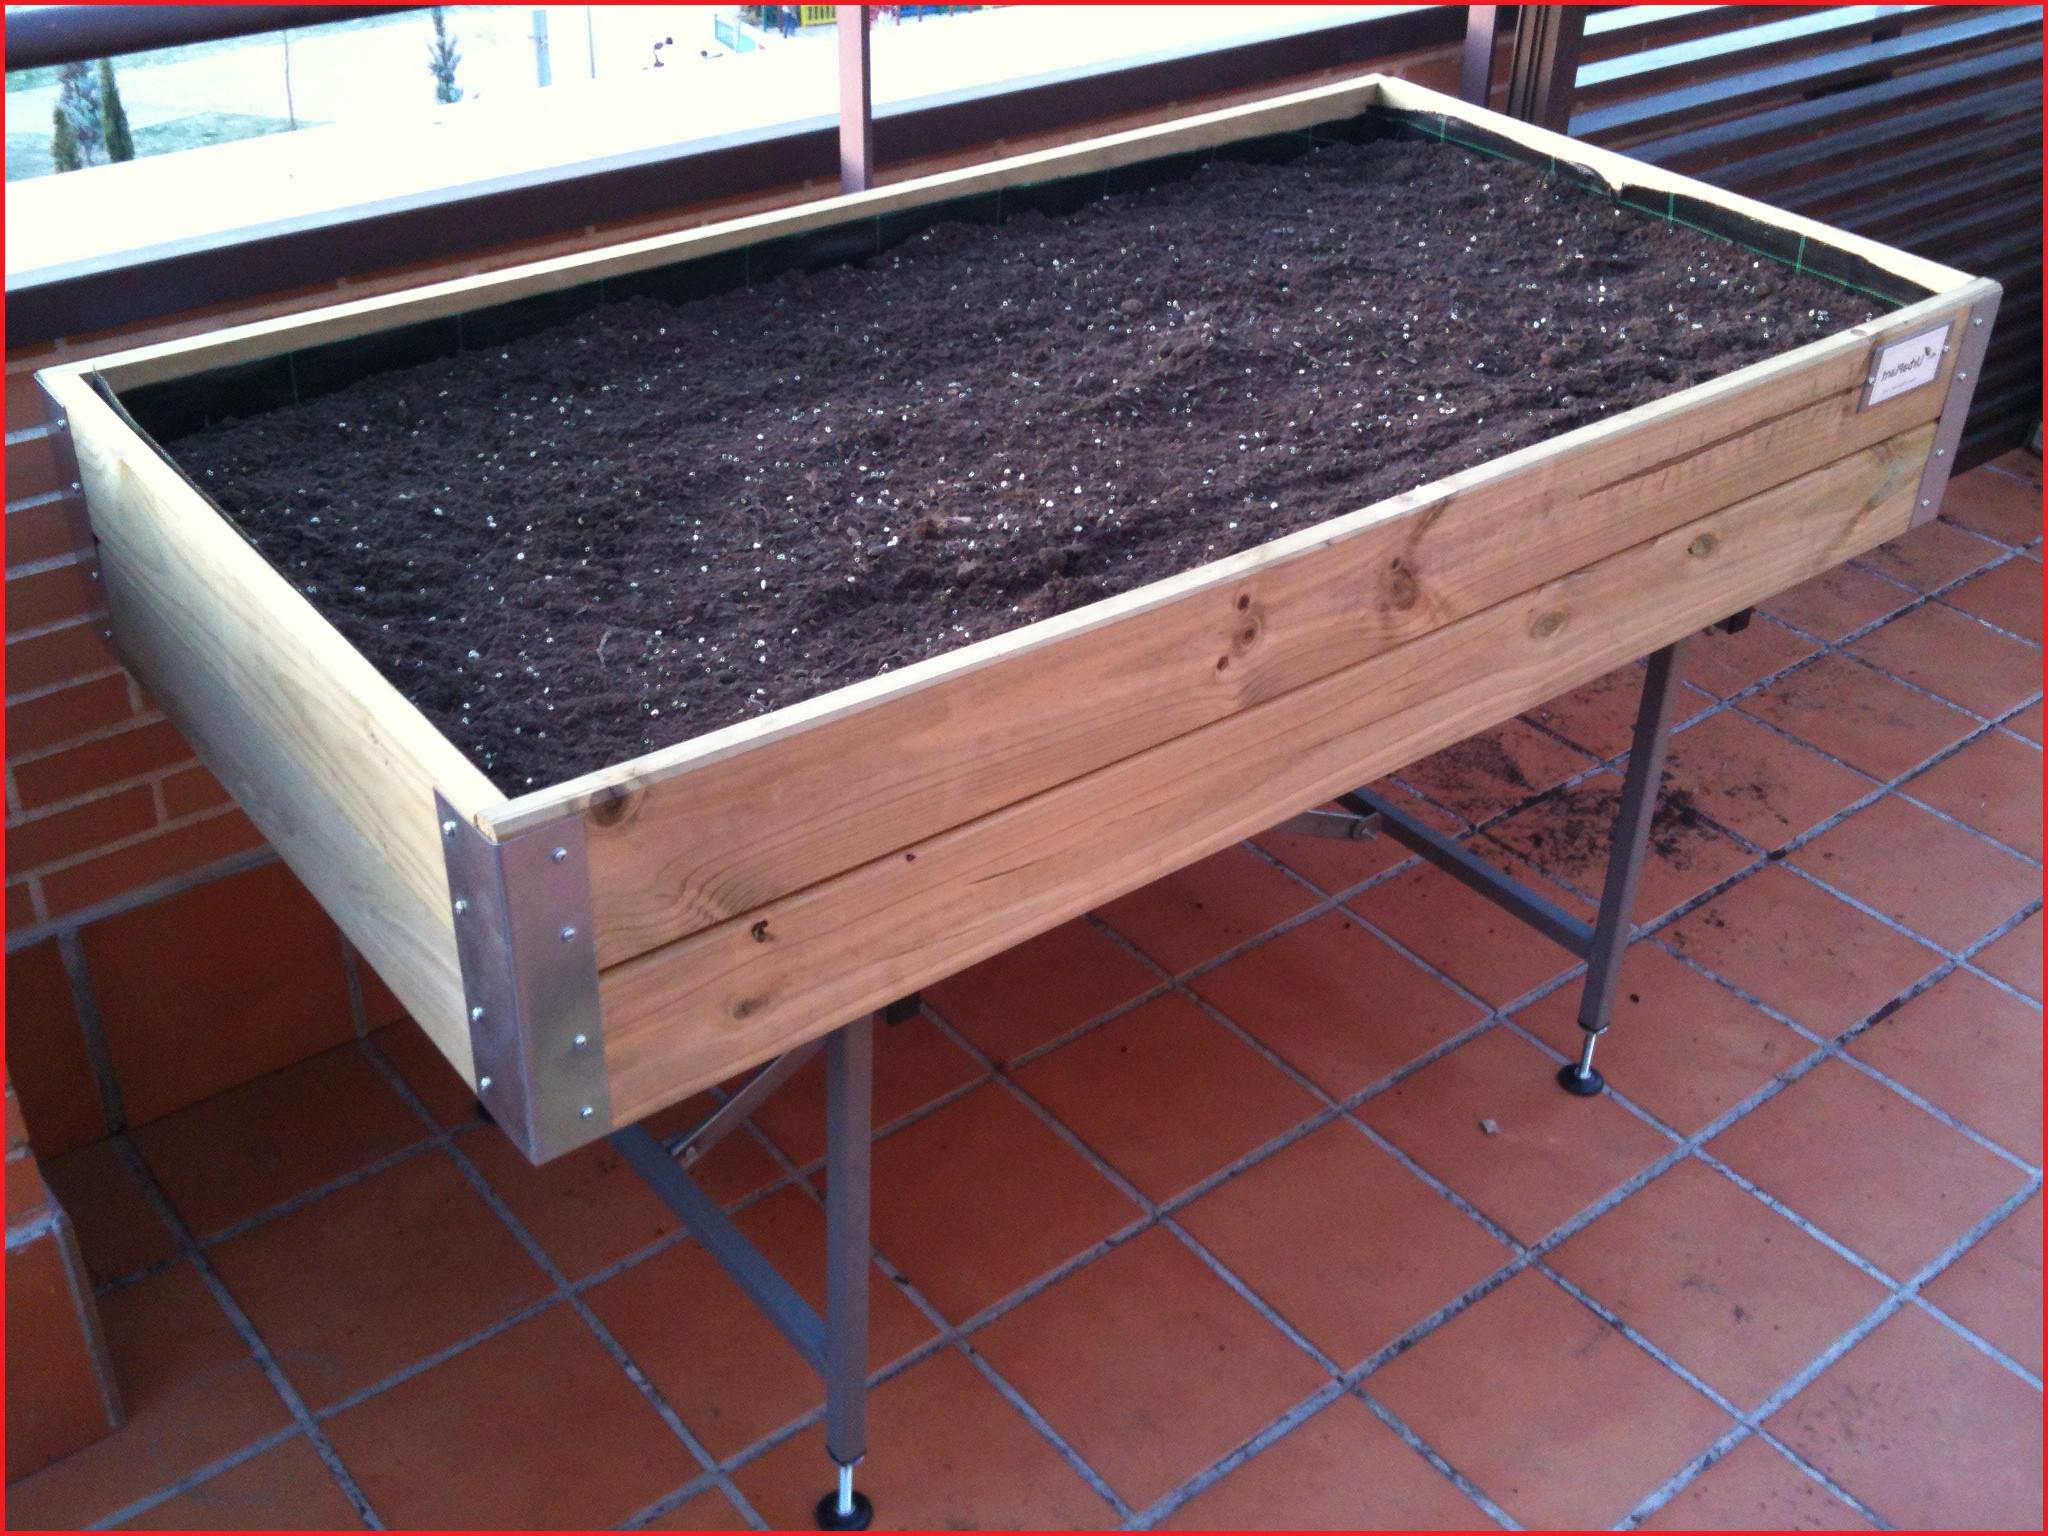 Mesa De Cultivo Ikea Thdr Mesa De Cultivo Ikea Bità Cora Pà Gina 5 Huerting by Vyp